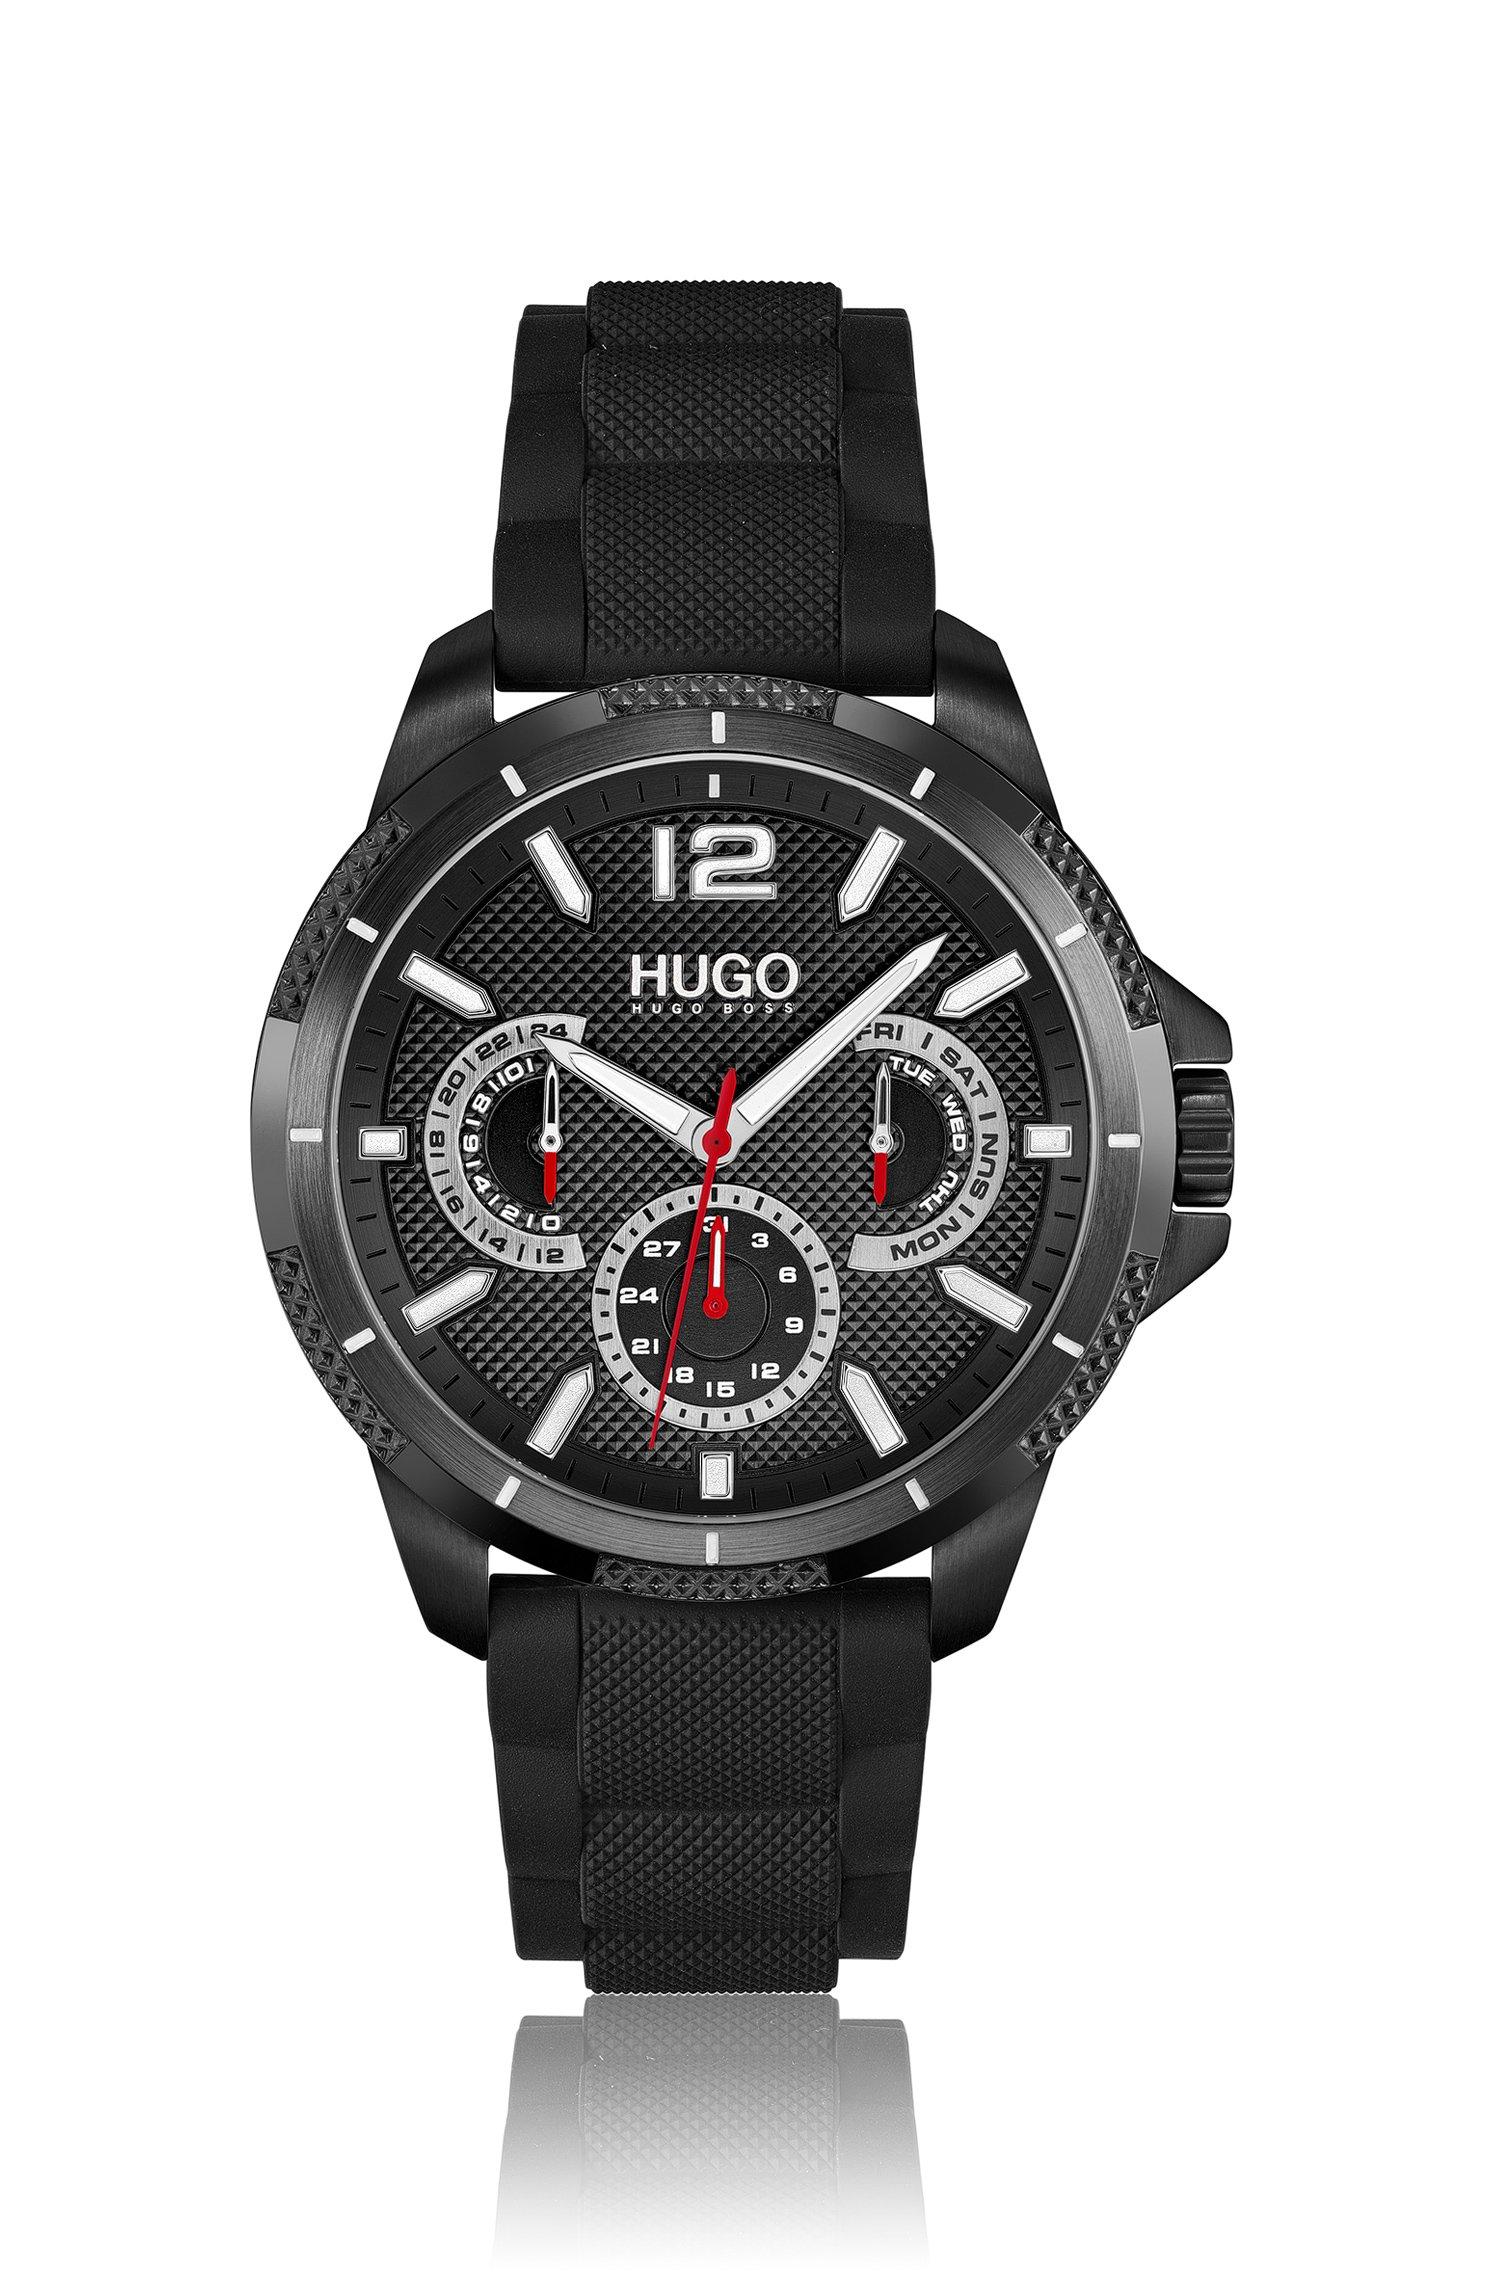 Schwarz beschichtete Uhr mit Totalisatoren und strukturiertem Silikonarmband, Assorted-Pre-Pack